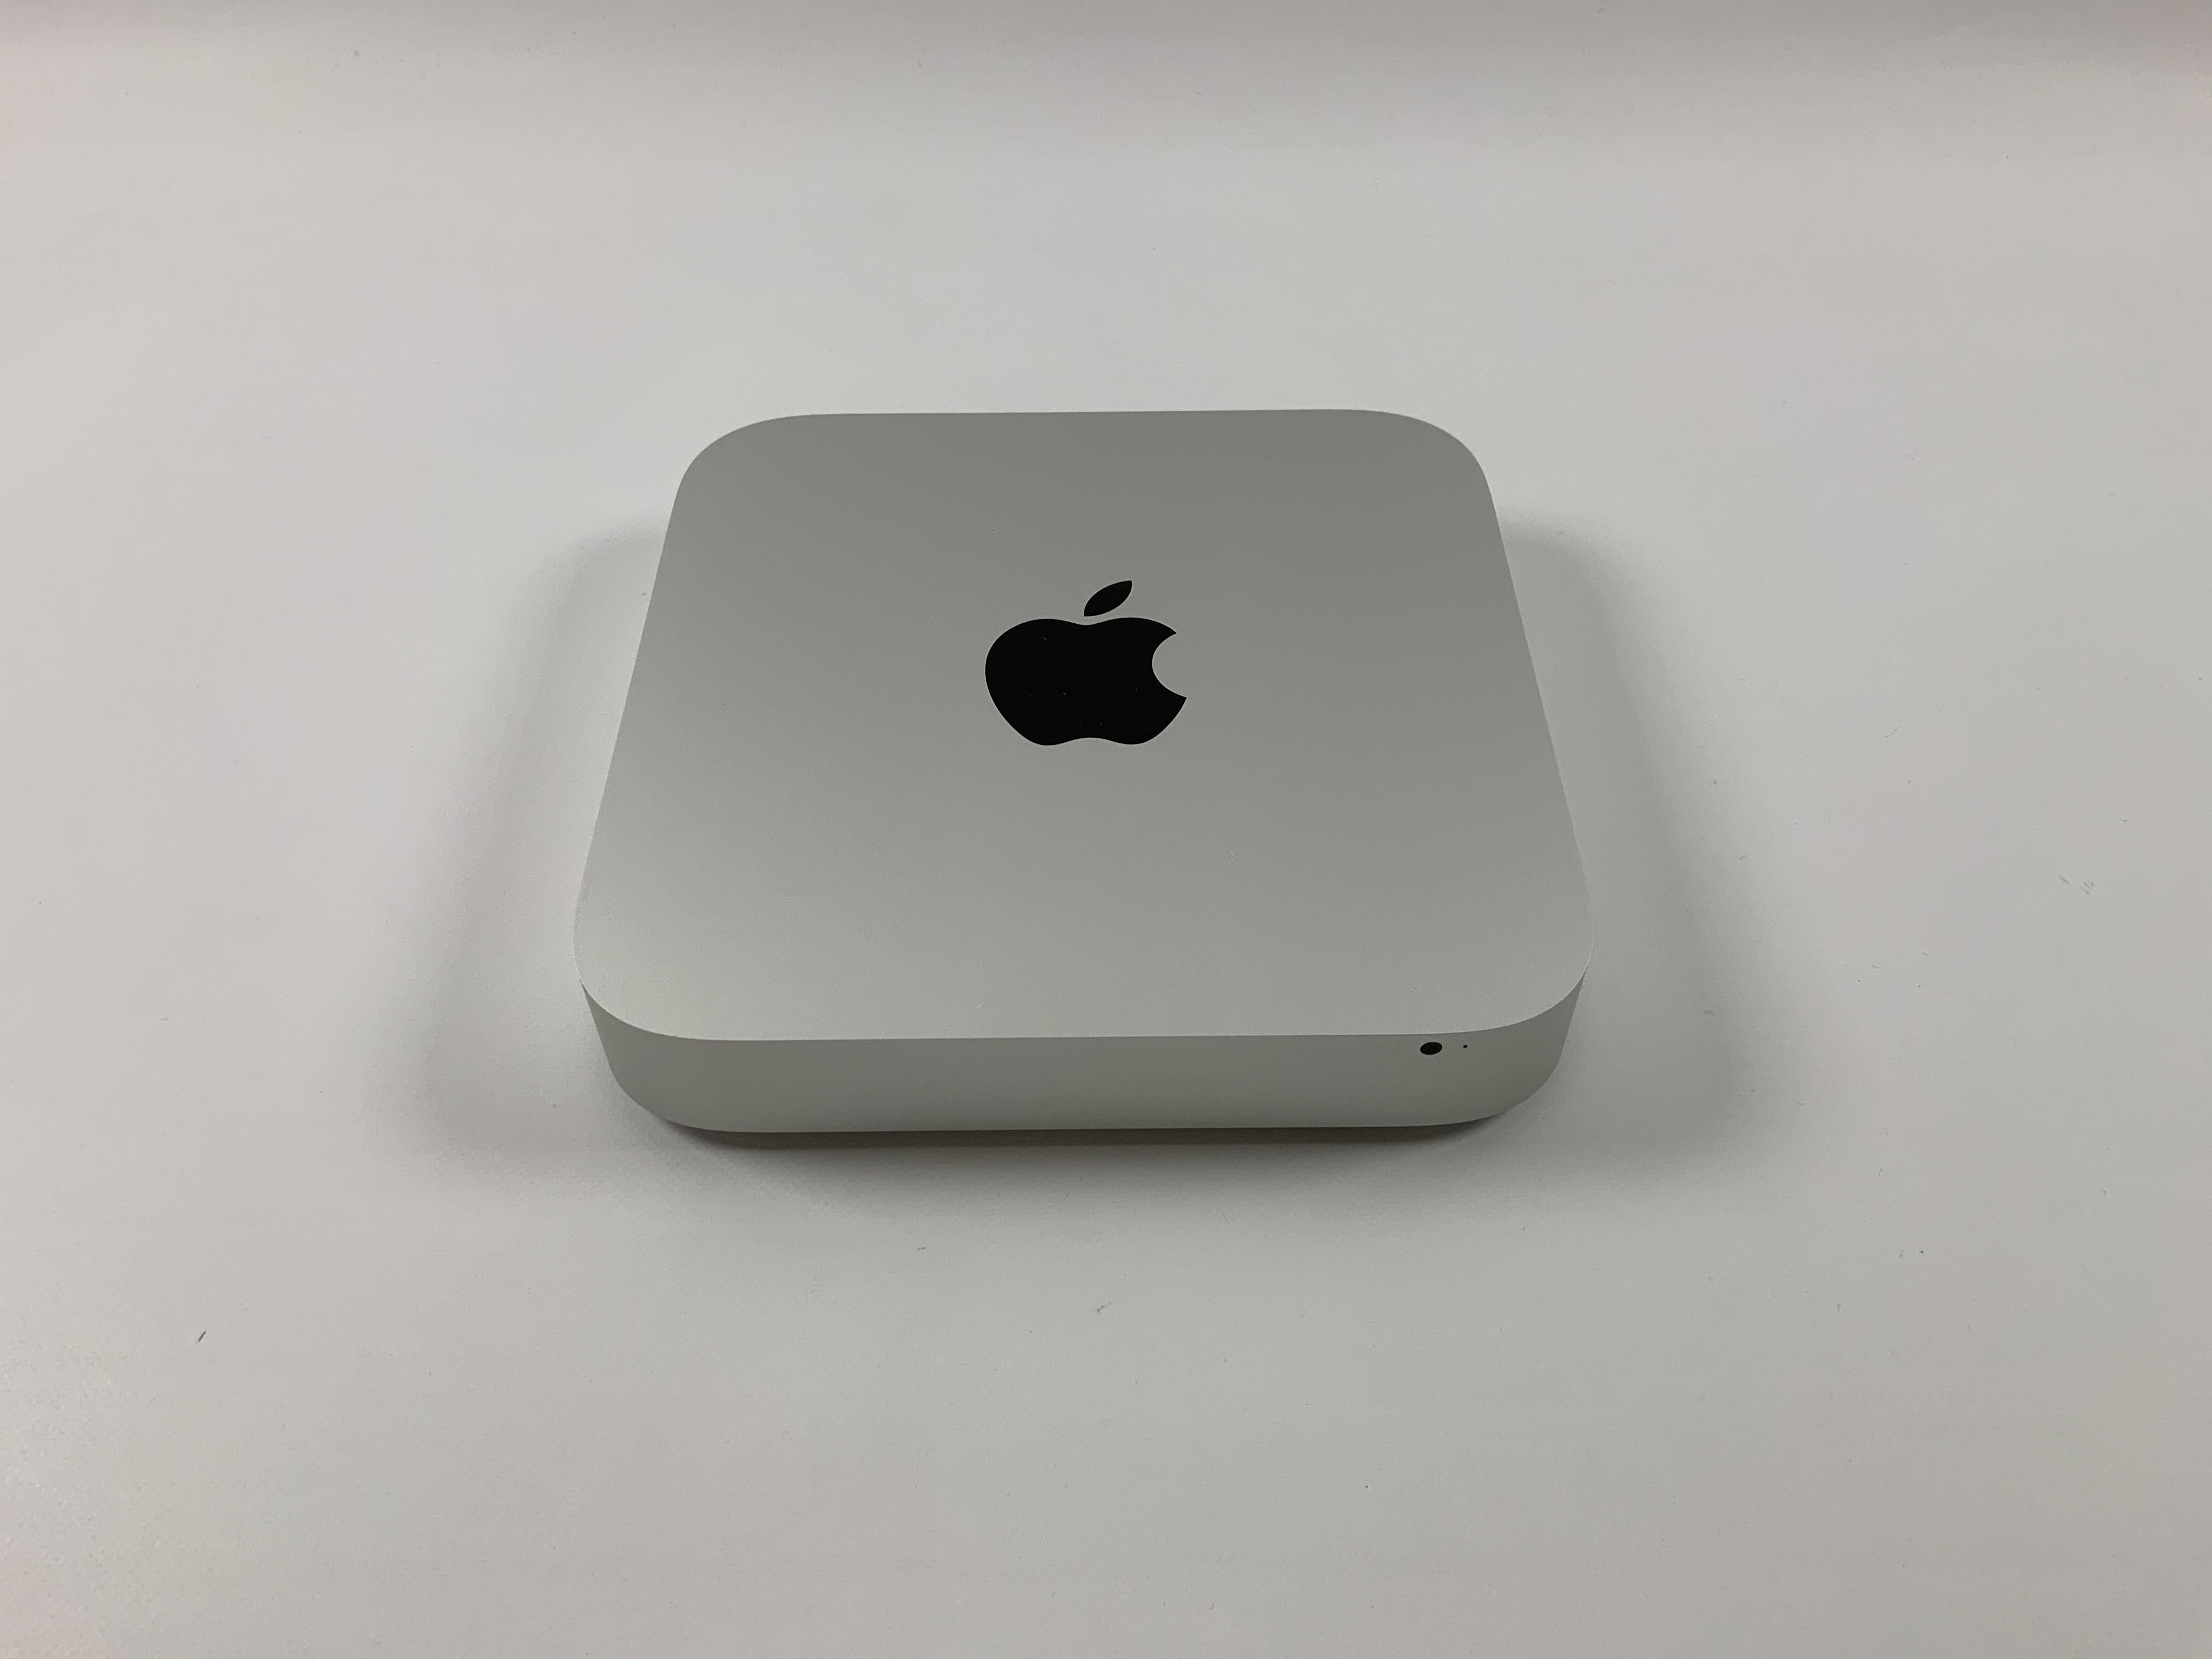 Mac Mini Late 2014 (Intel Core i5 2.6 GHz 8 GB RAM 1 TB HDD), Intel Core i5 2.6 GHz, 8 GB RAM, 1 TB HDD, Bild 1